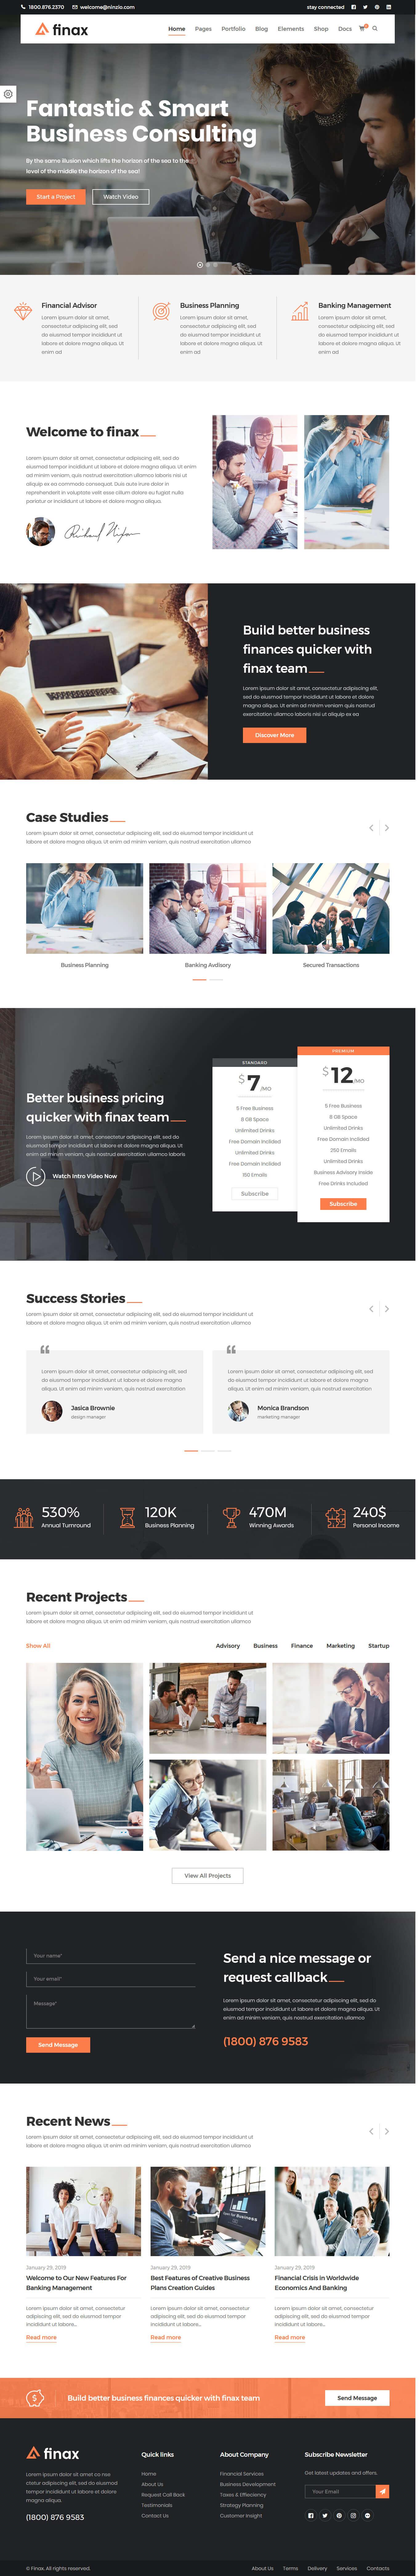 finax best premium drag drop wordpress theme - 10+ Best Premium Drag and Drop WordPress Themes